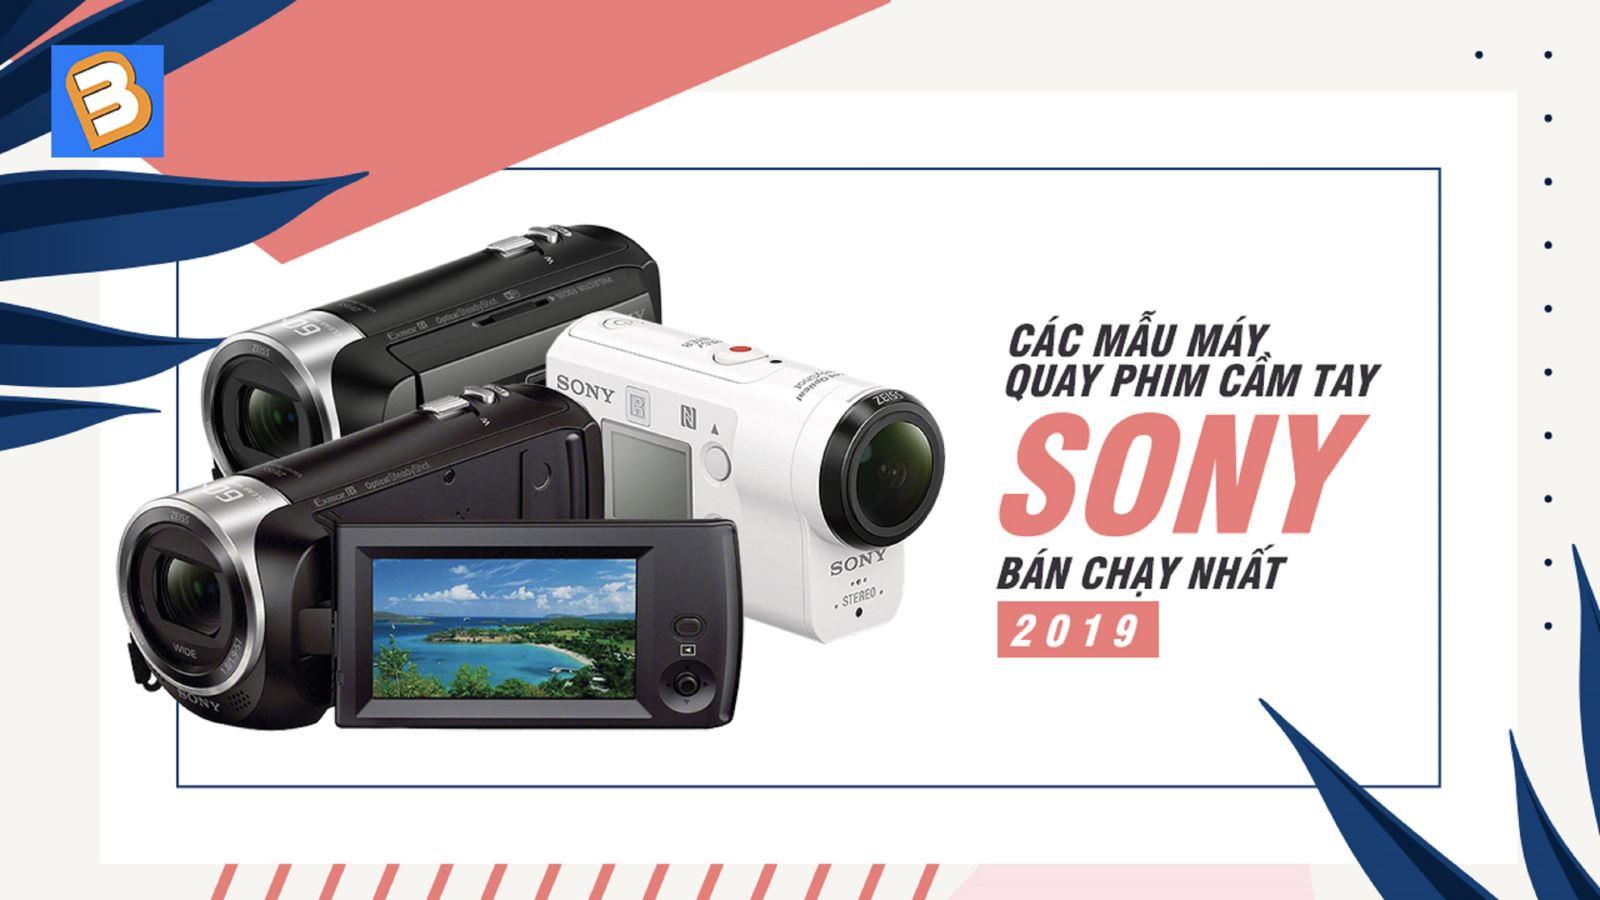 Các mẫu máy quay phim cầm tay Sony bán chạynhất 2019